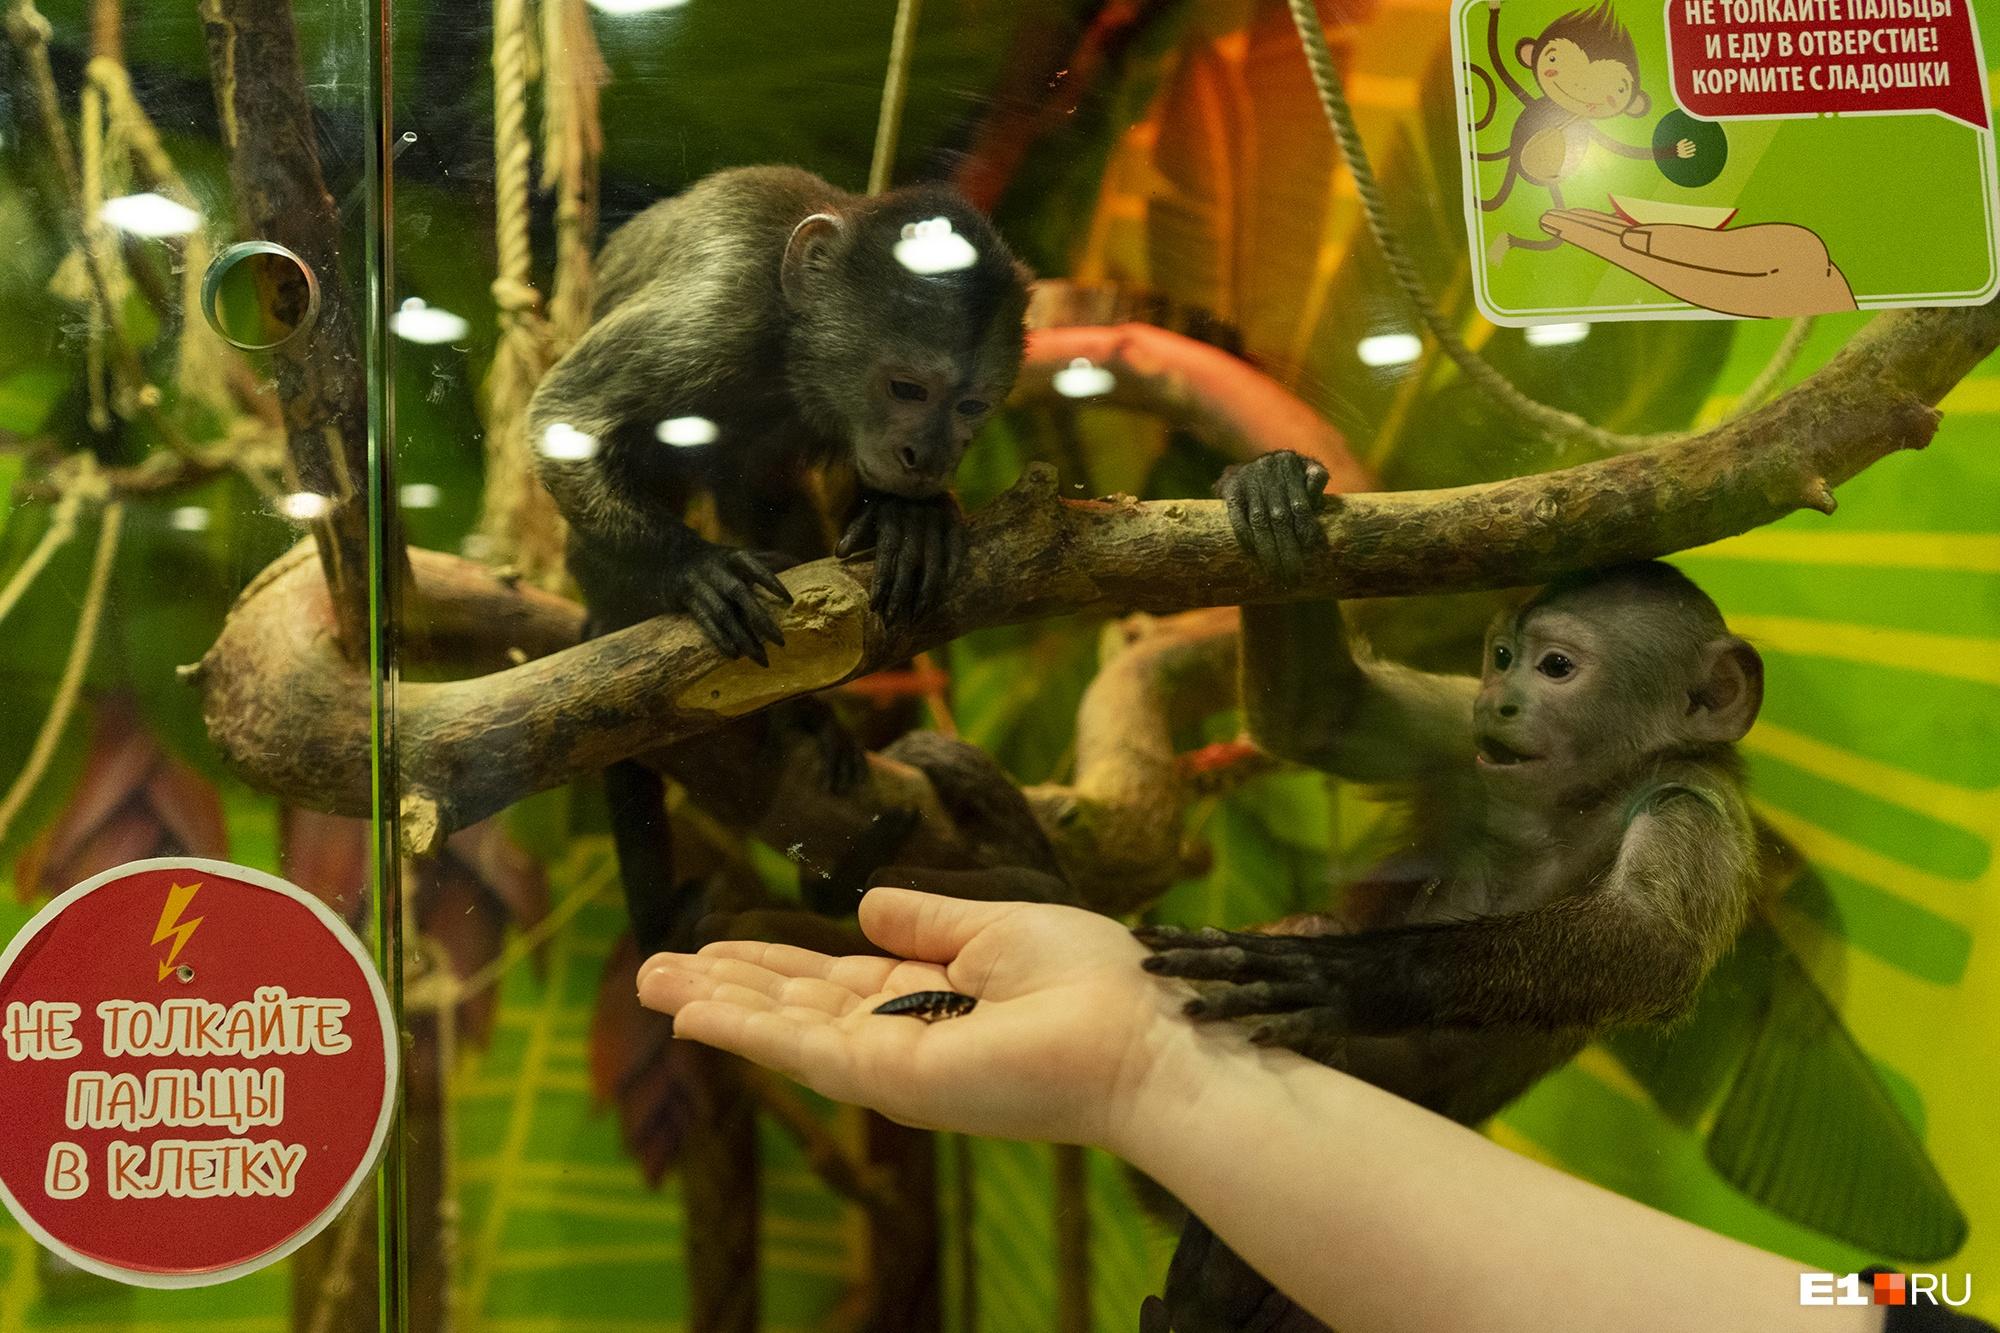 Тимоша (слева) раньше не любил насекомых, а теперь с удовольствием их ест